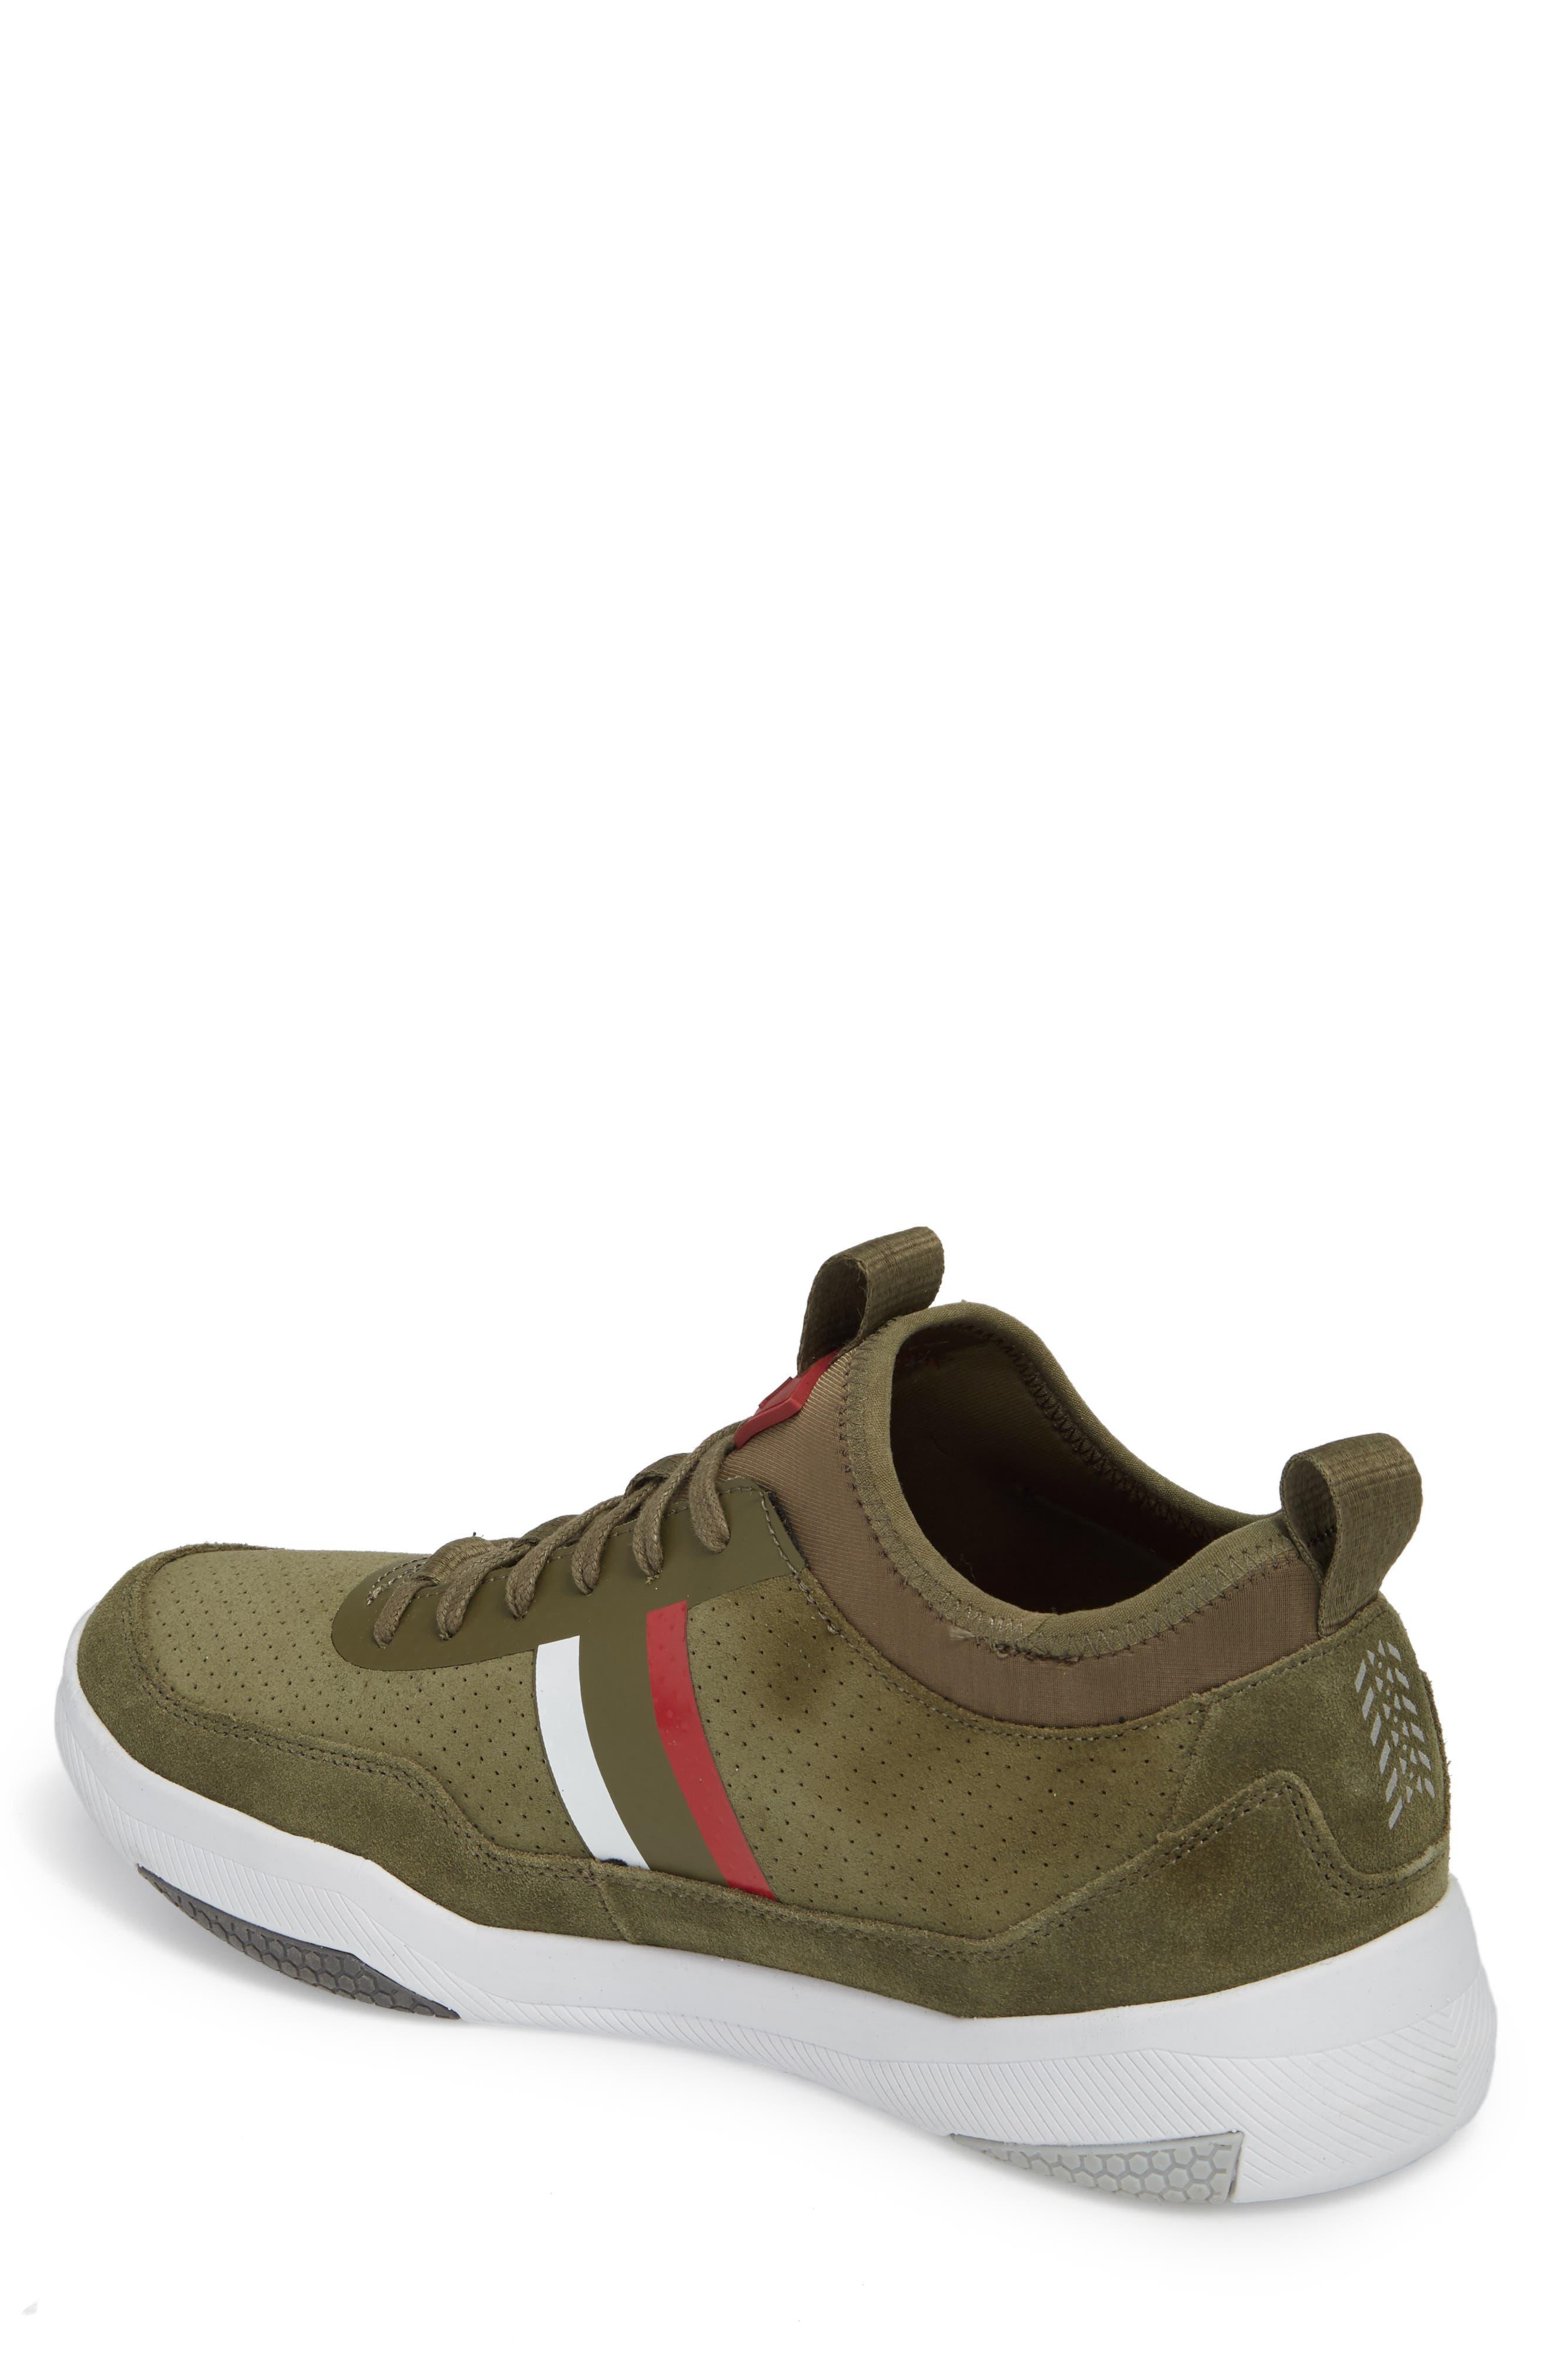 Shiro Hi Sock Fit Sneaker,                             Alternate thumbnail 2, color,                             Military Green Suede